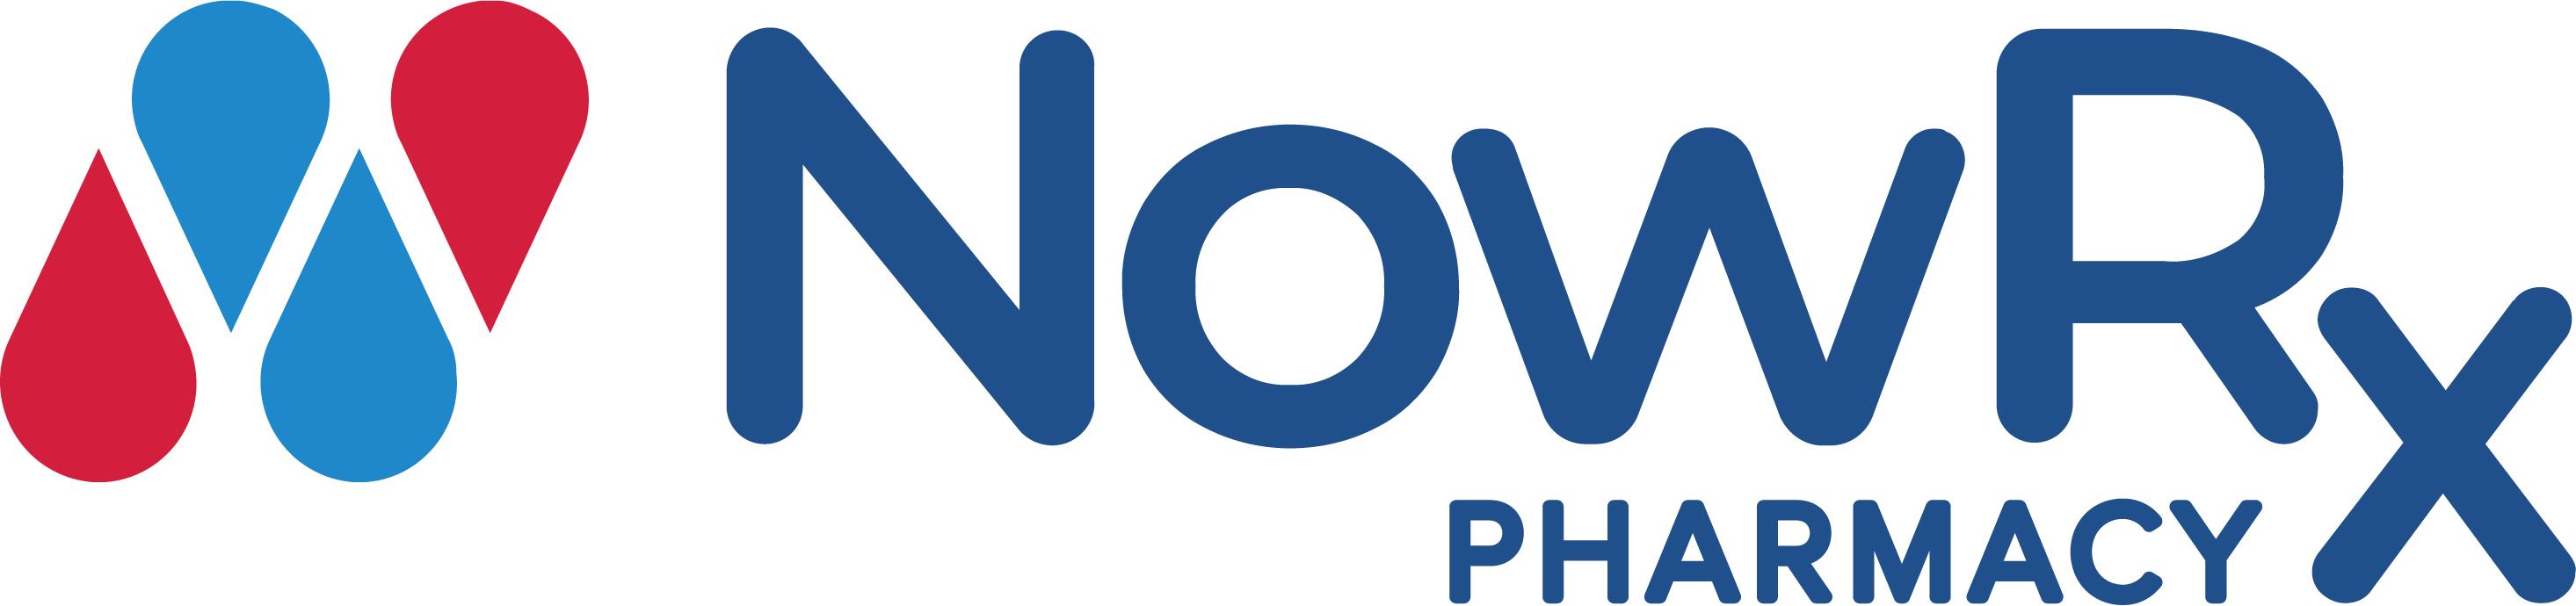 NowRx